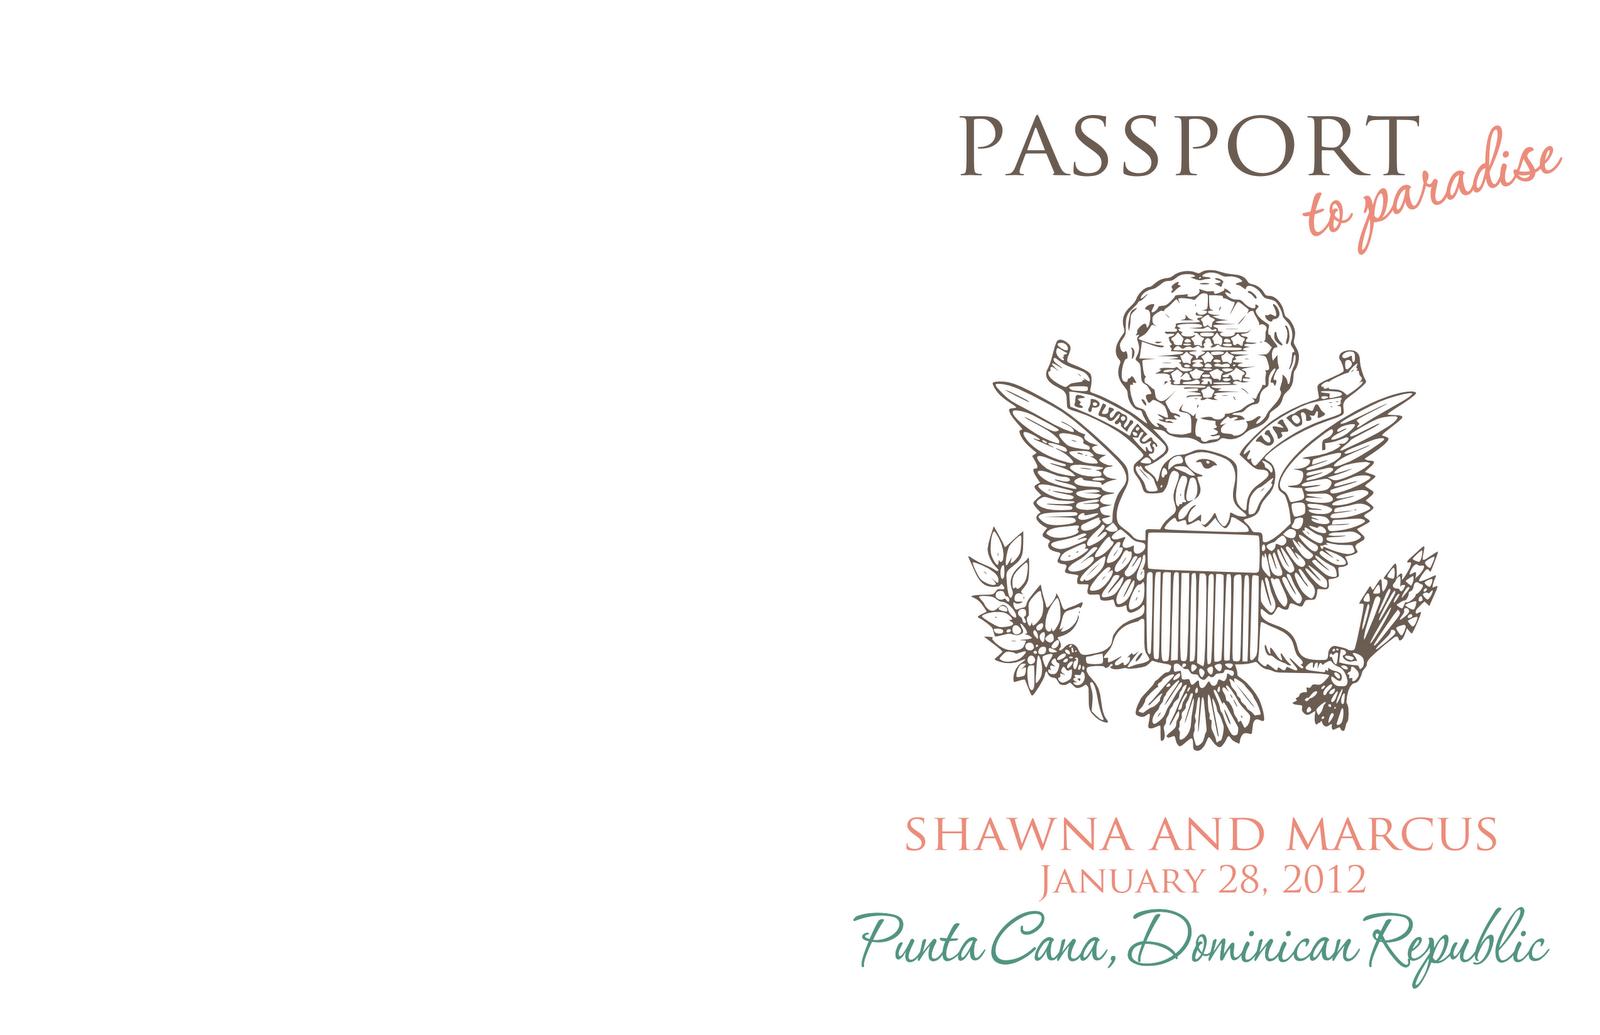 Passport invite: 4.25 x 5.5 when folded: